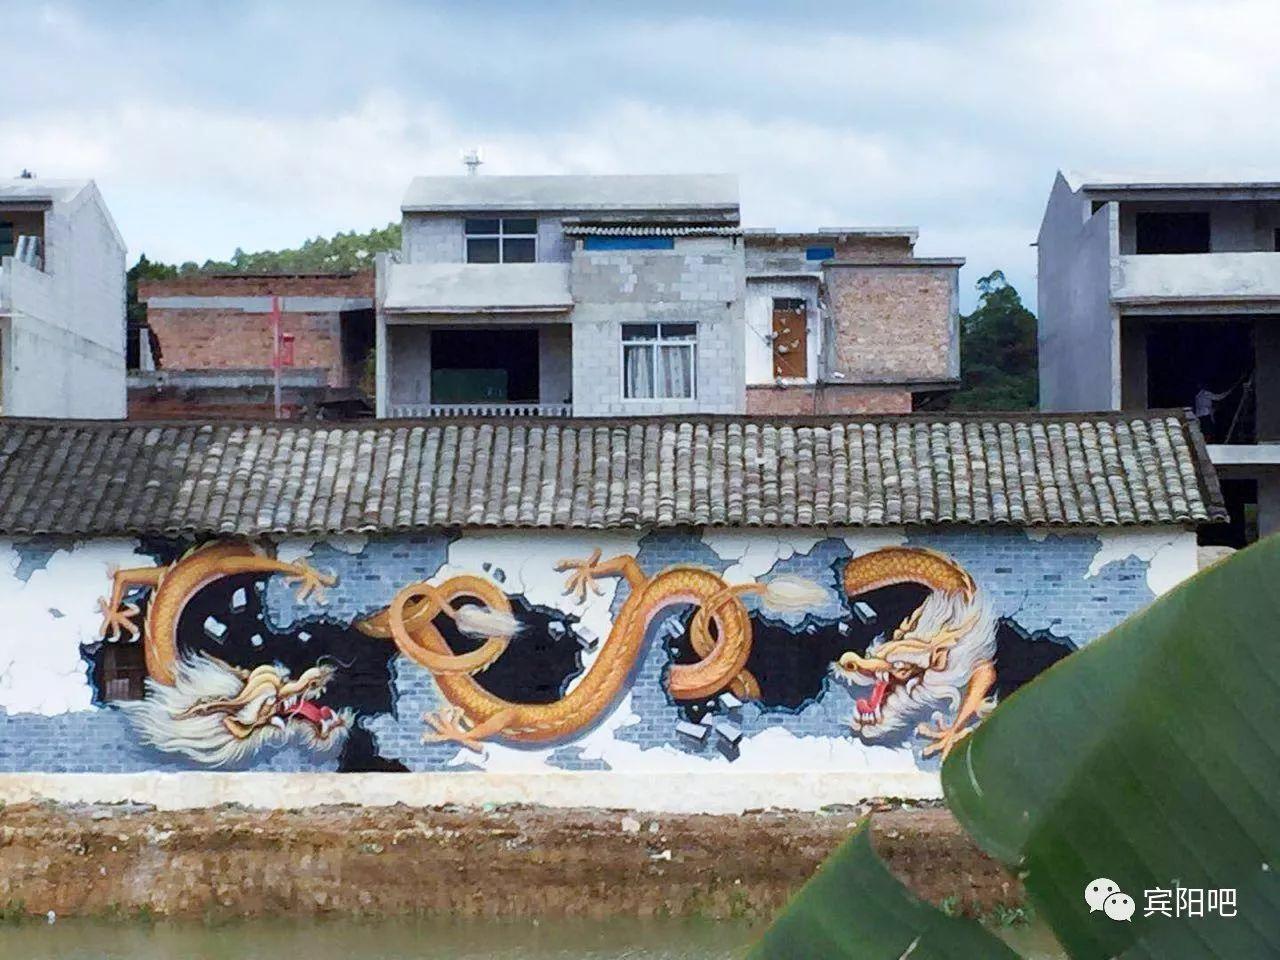 除了稻田画 大陆村处处是风景 步步生乐趣 艺术墙绘 诺大的墙面上, 一